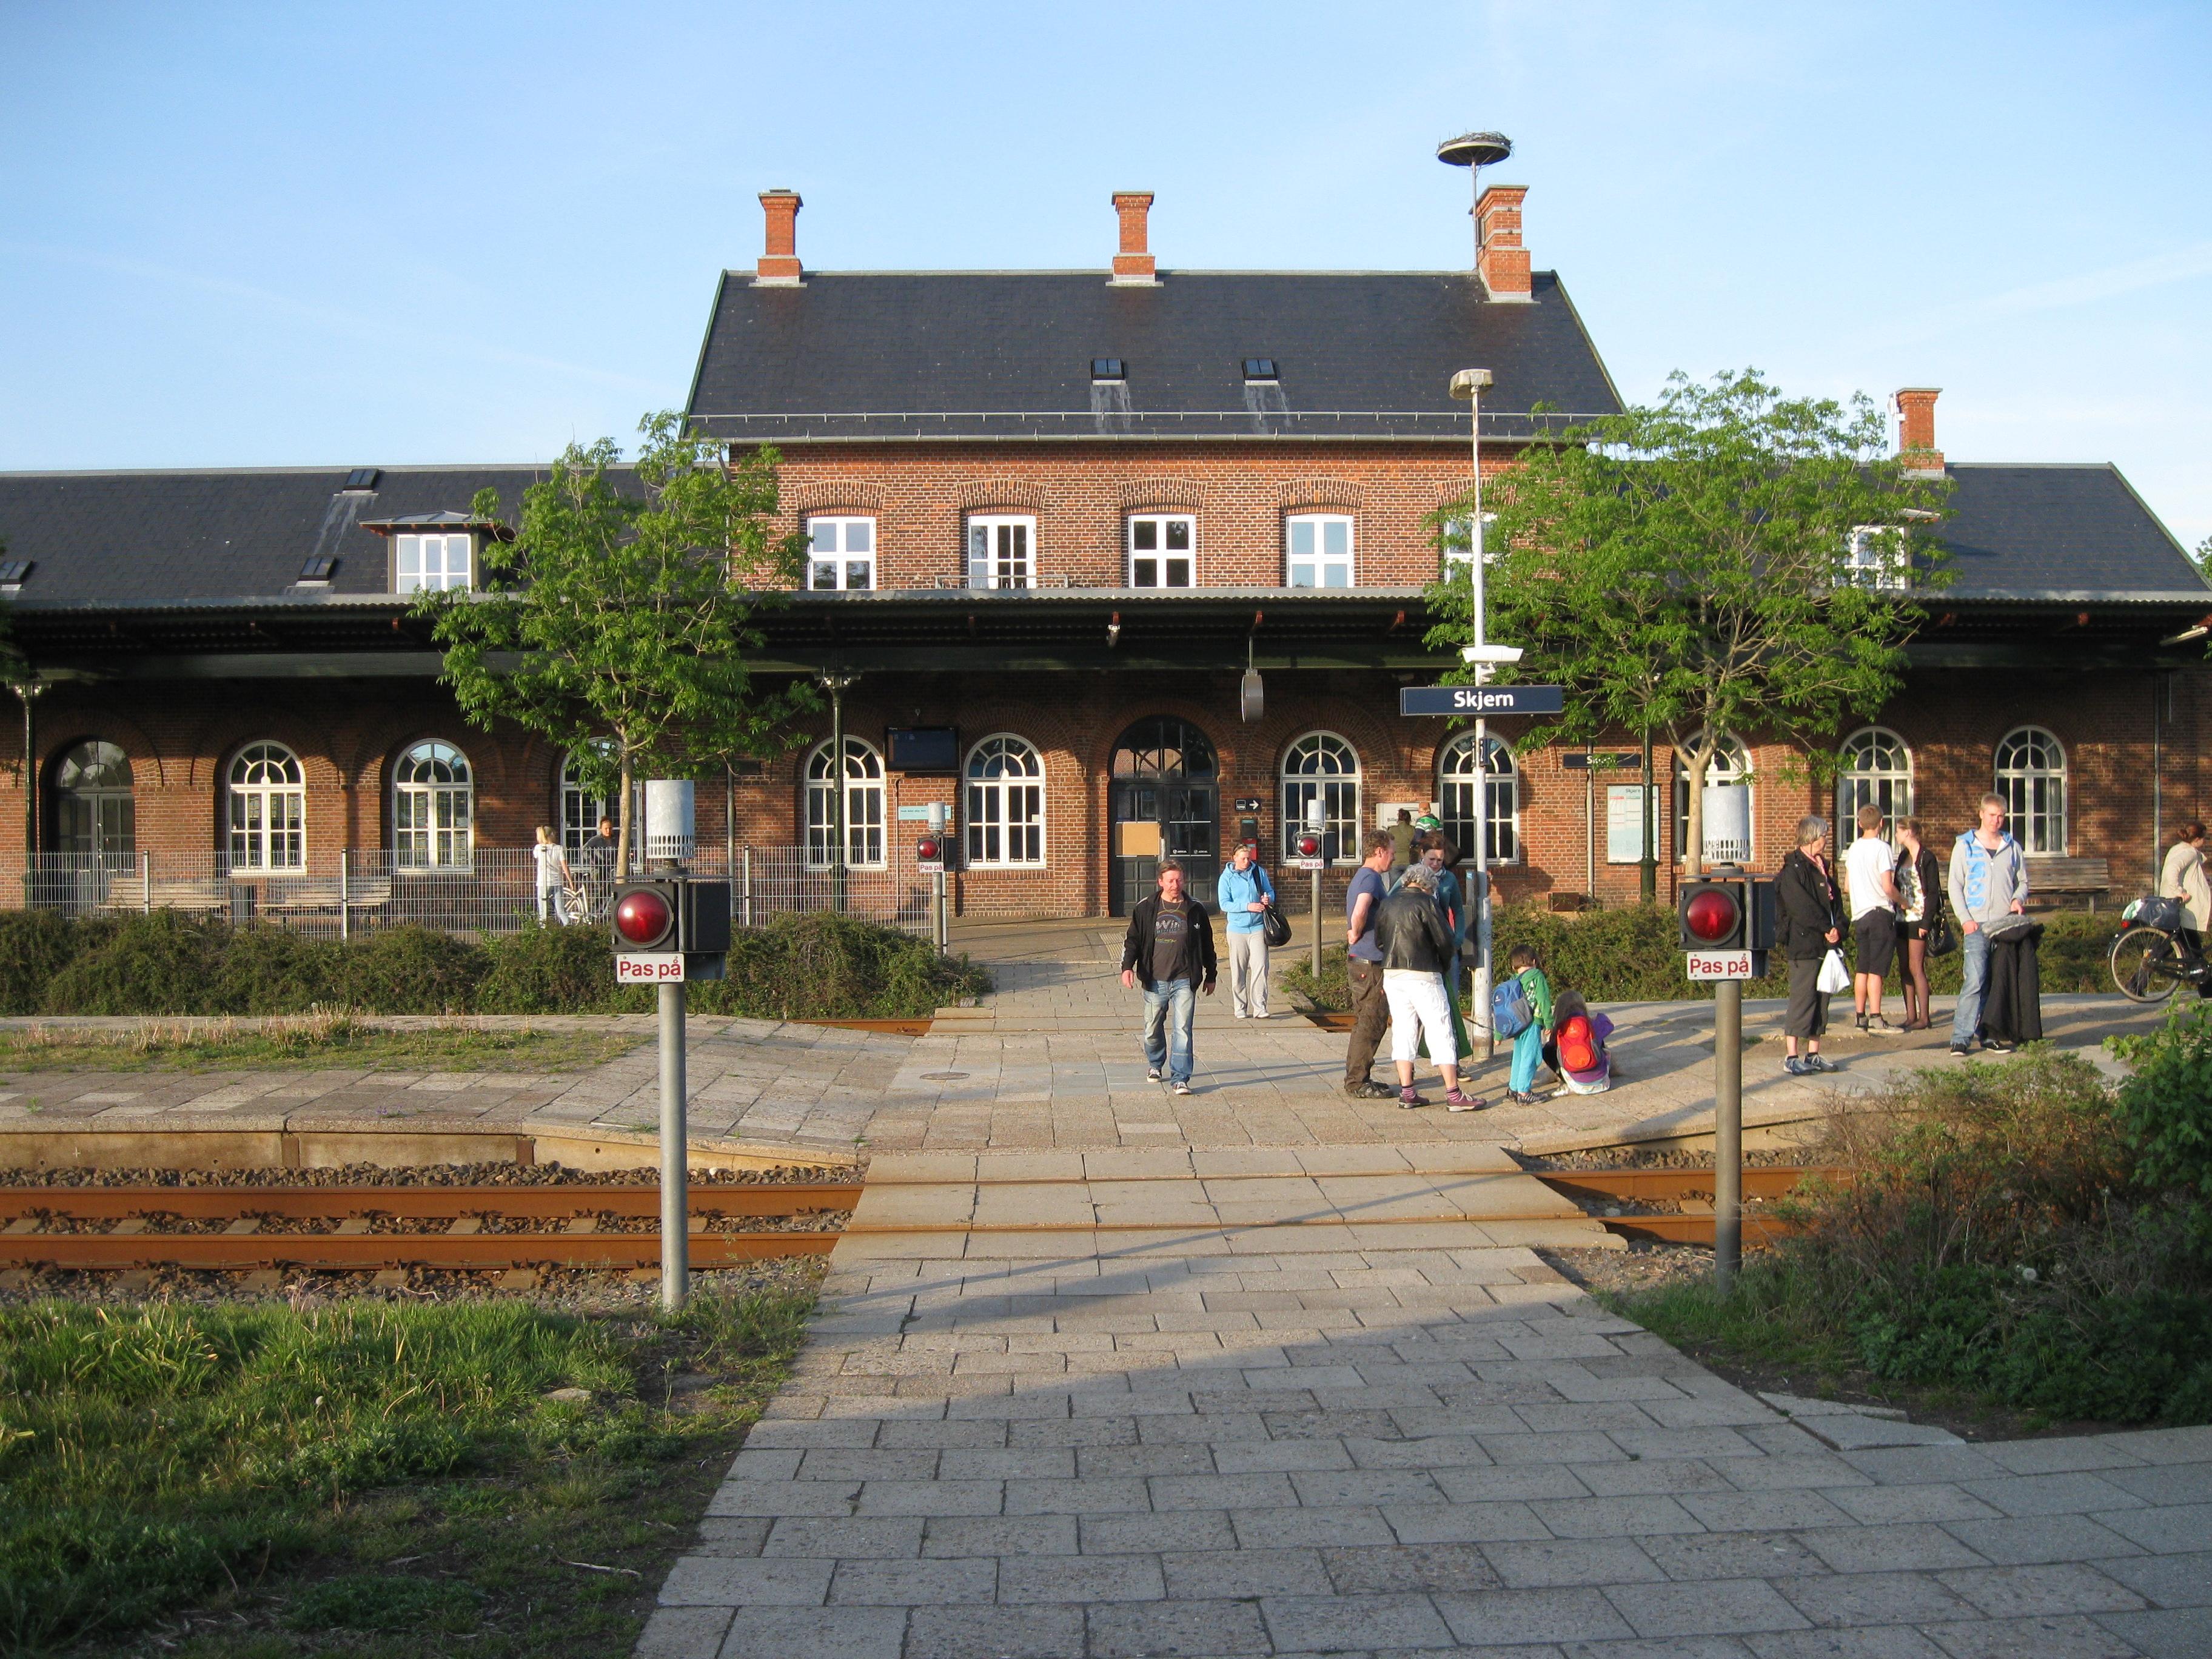 skanderborg station kiosk